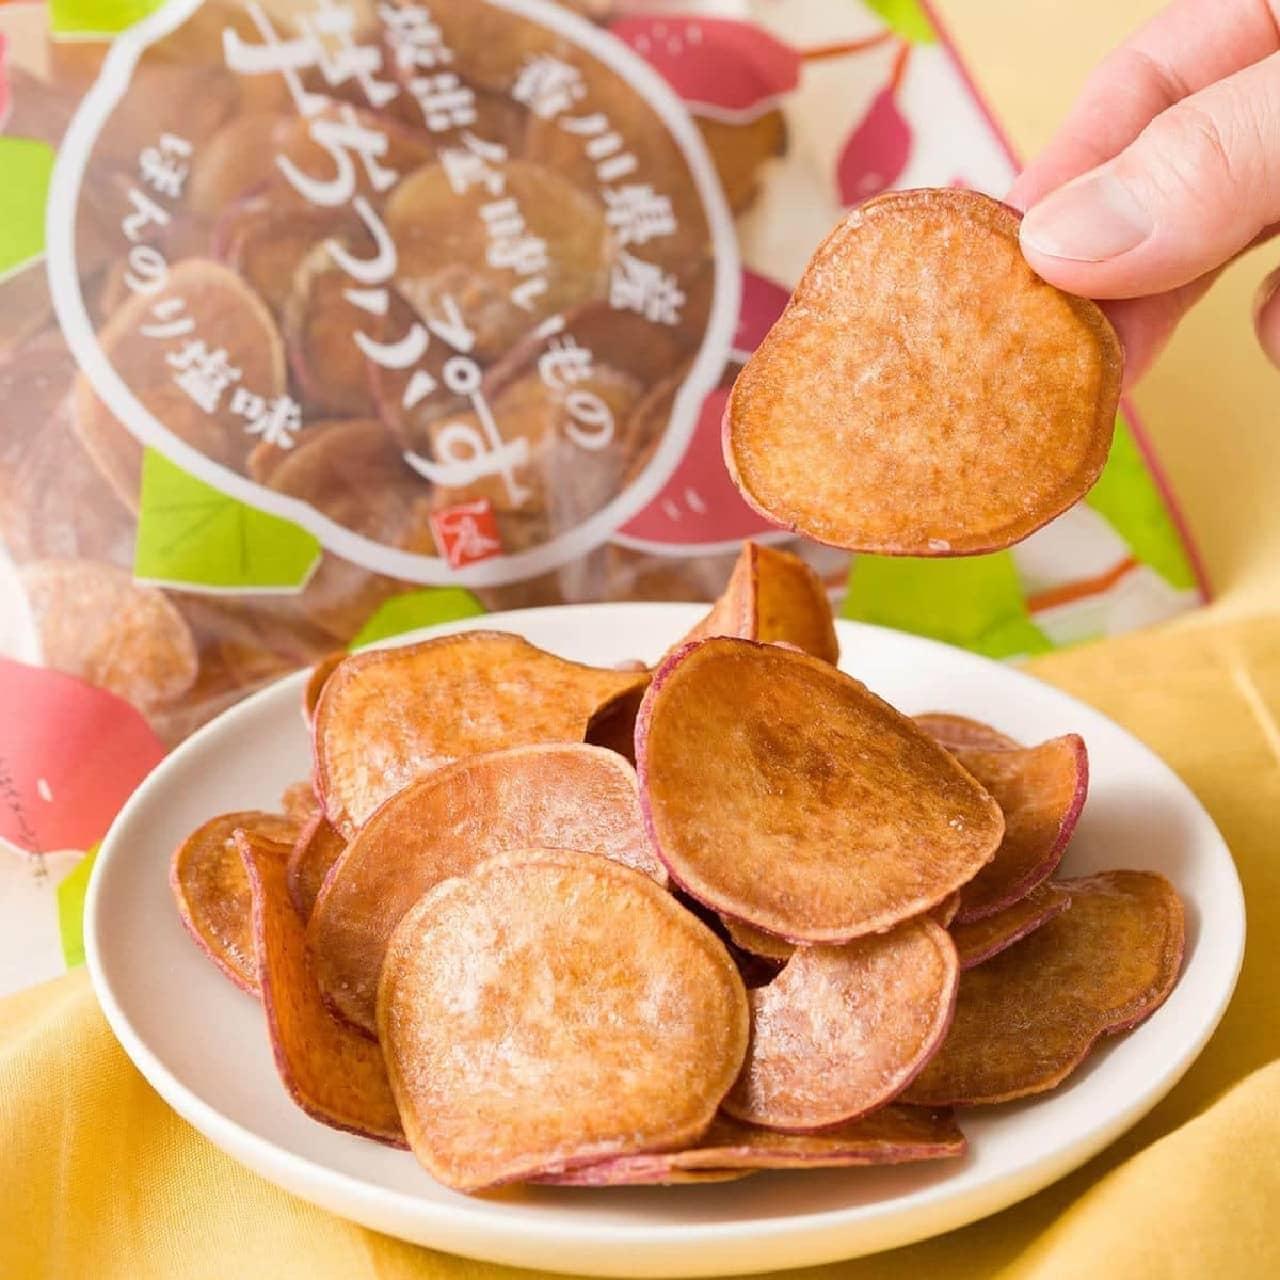 カルディ「もへじ 香川県産坂出金時いもの芋ちっぷす」